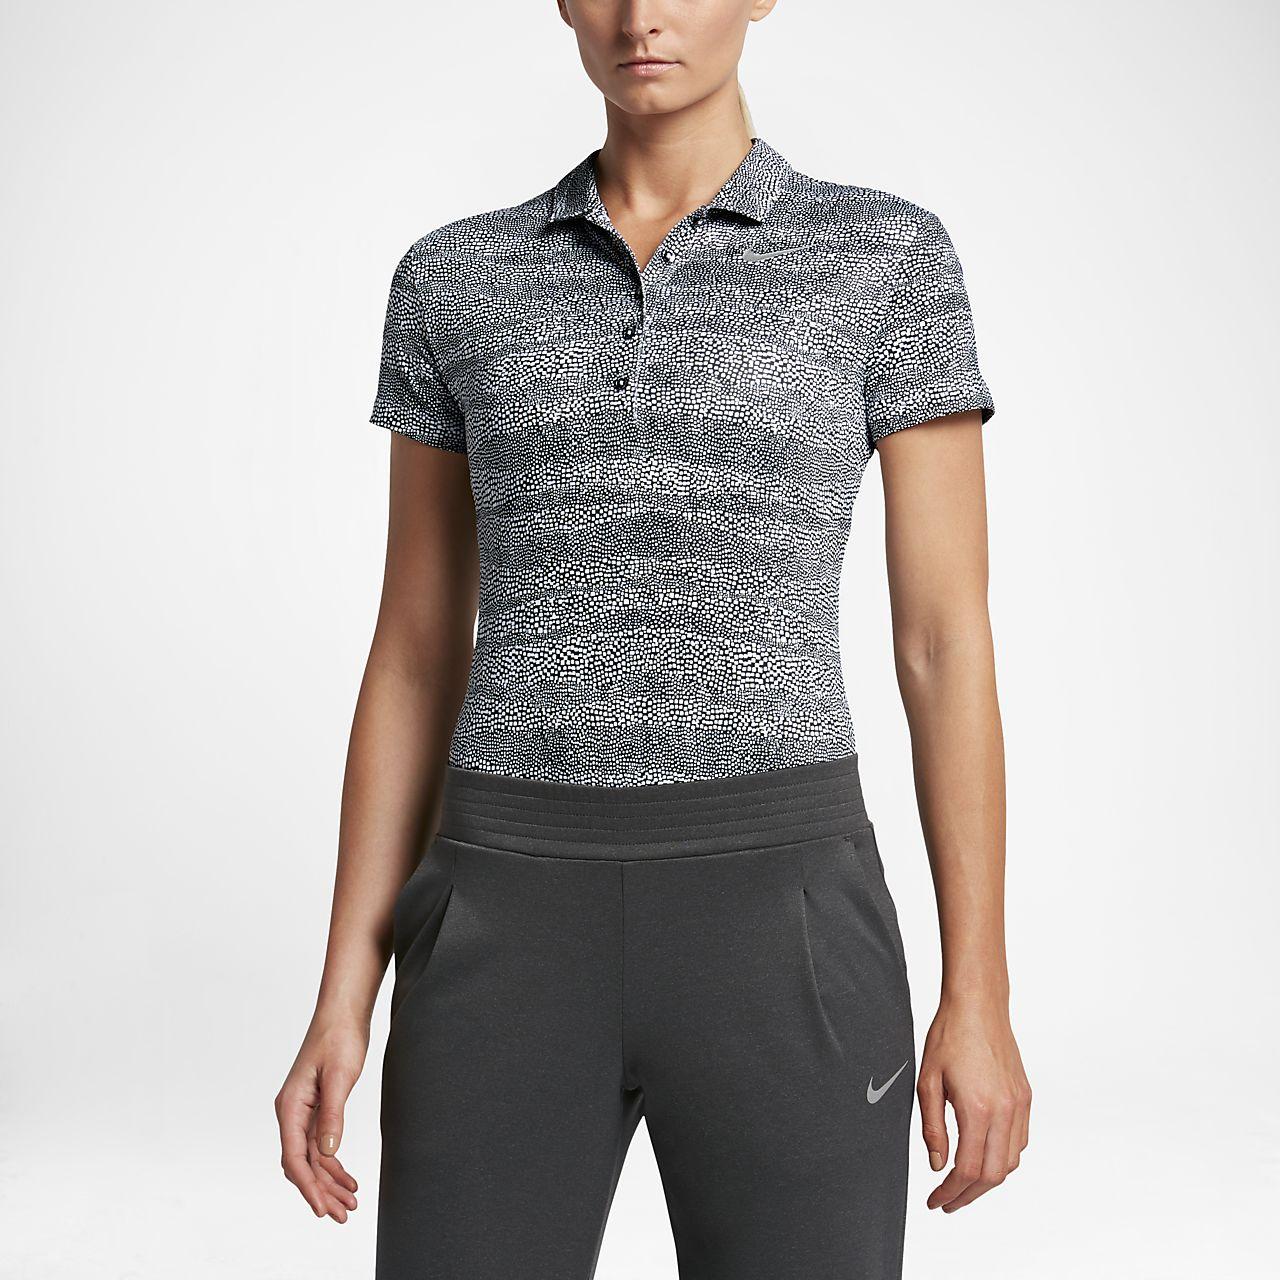 เสื้อโปโลกอล์ฟผู้หญิง Nike Precision